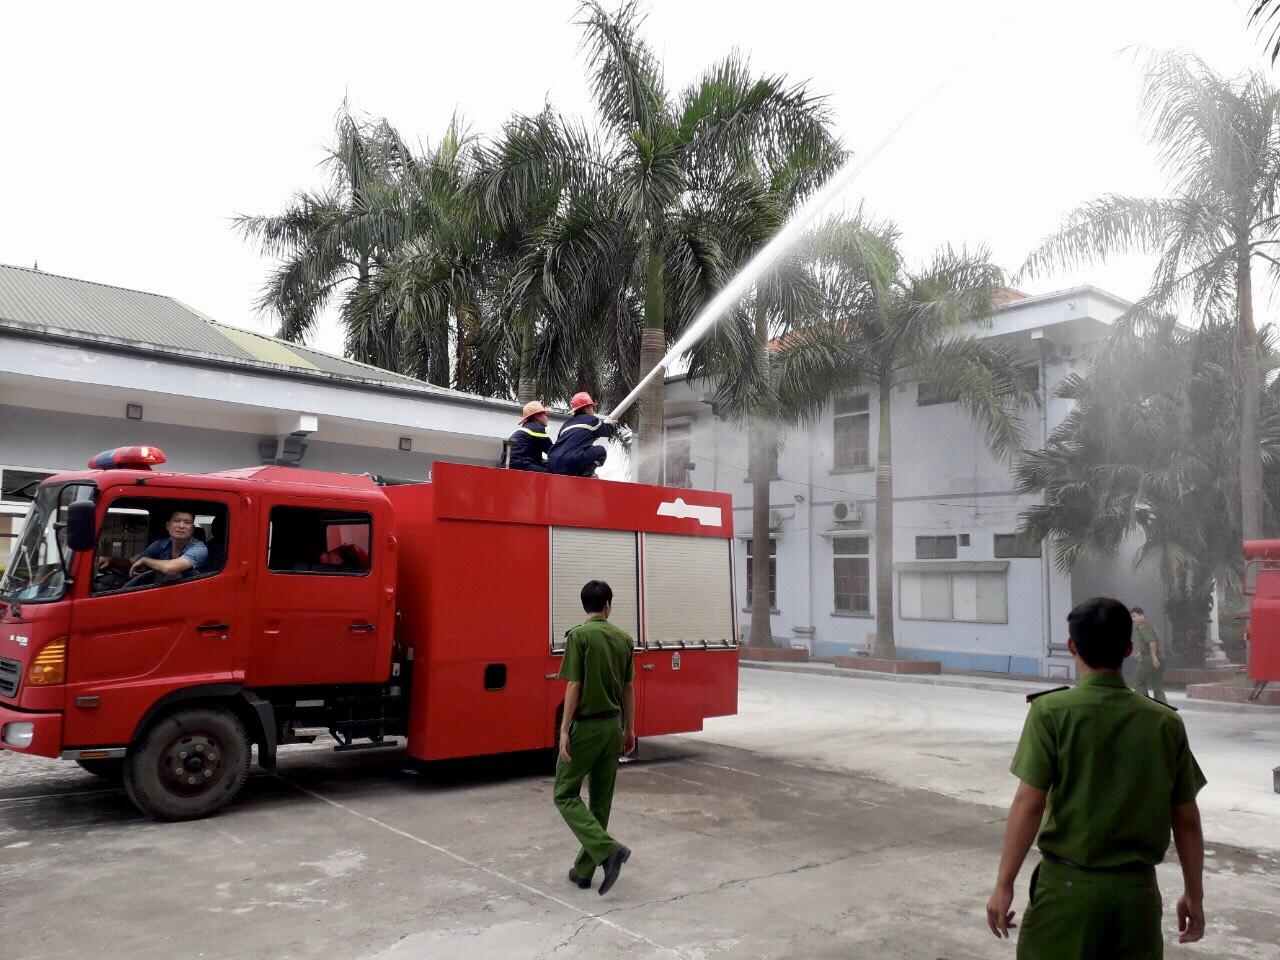 Bệnh viện Lao và Bệnh Phổi tỉnh Phú Thọ: Đảm bảo an toàn và chấp hành nghiêm chỉnh luật phòng cháy, chữa cháy - Ảnh 2